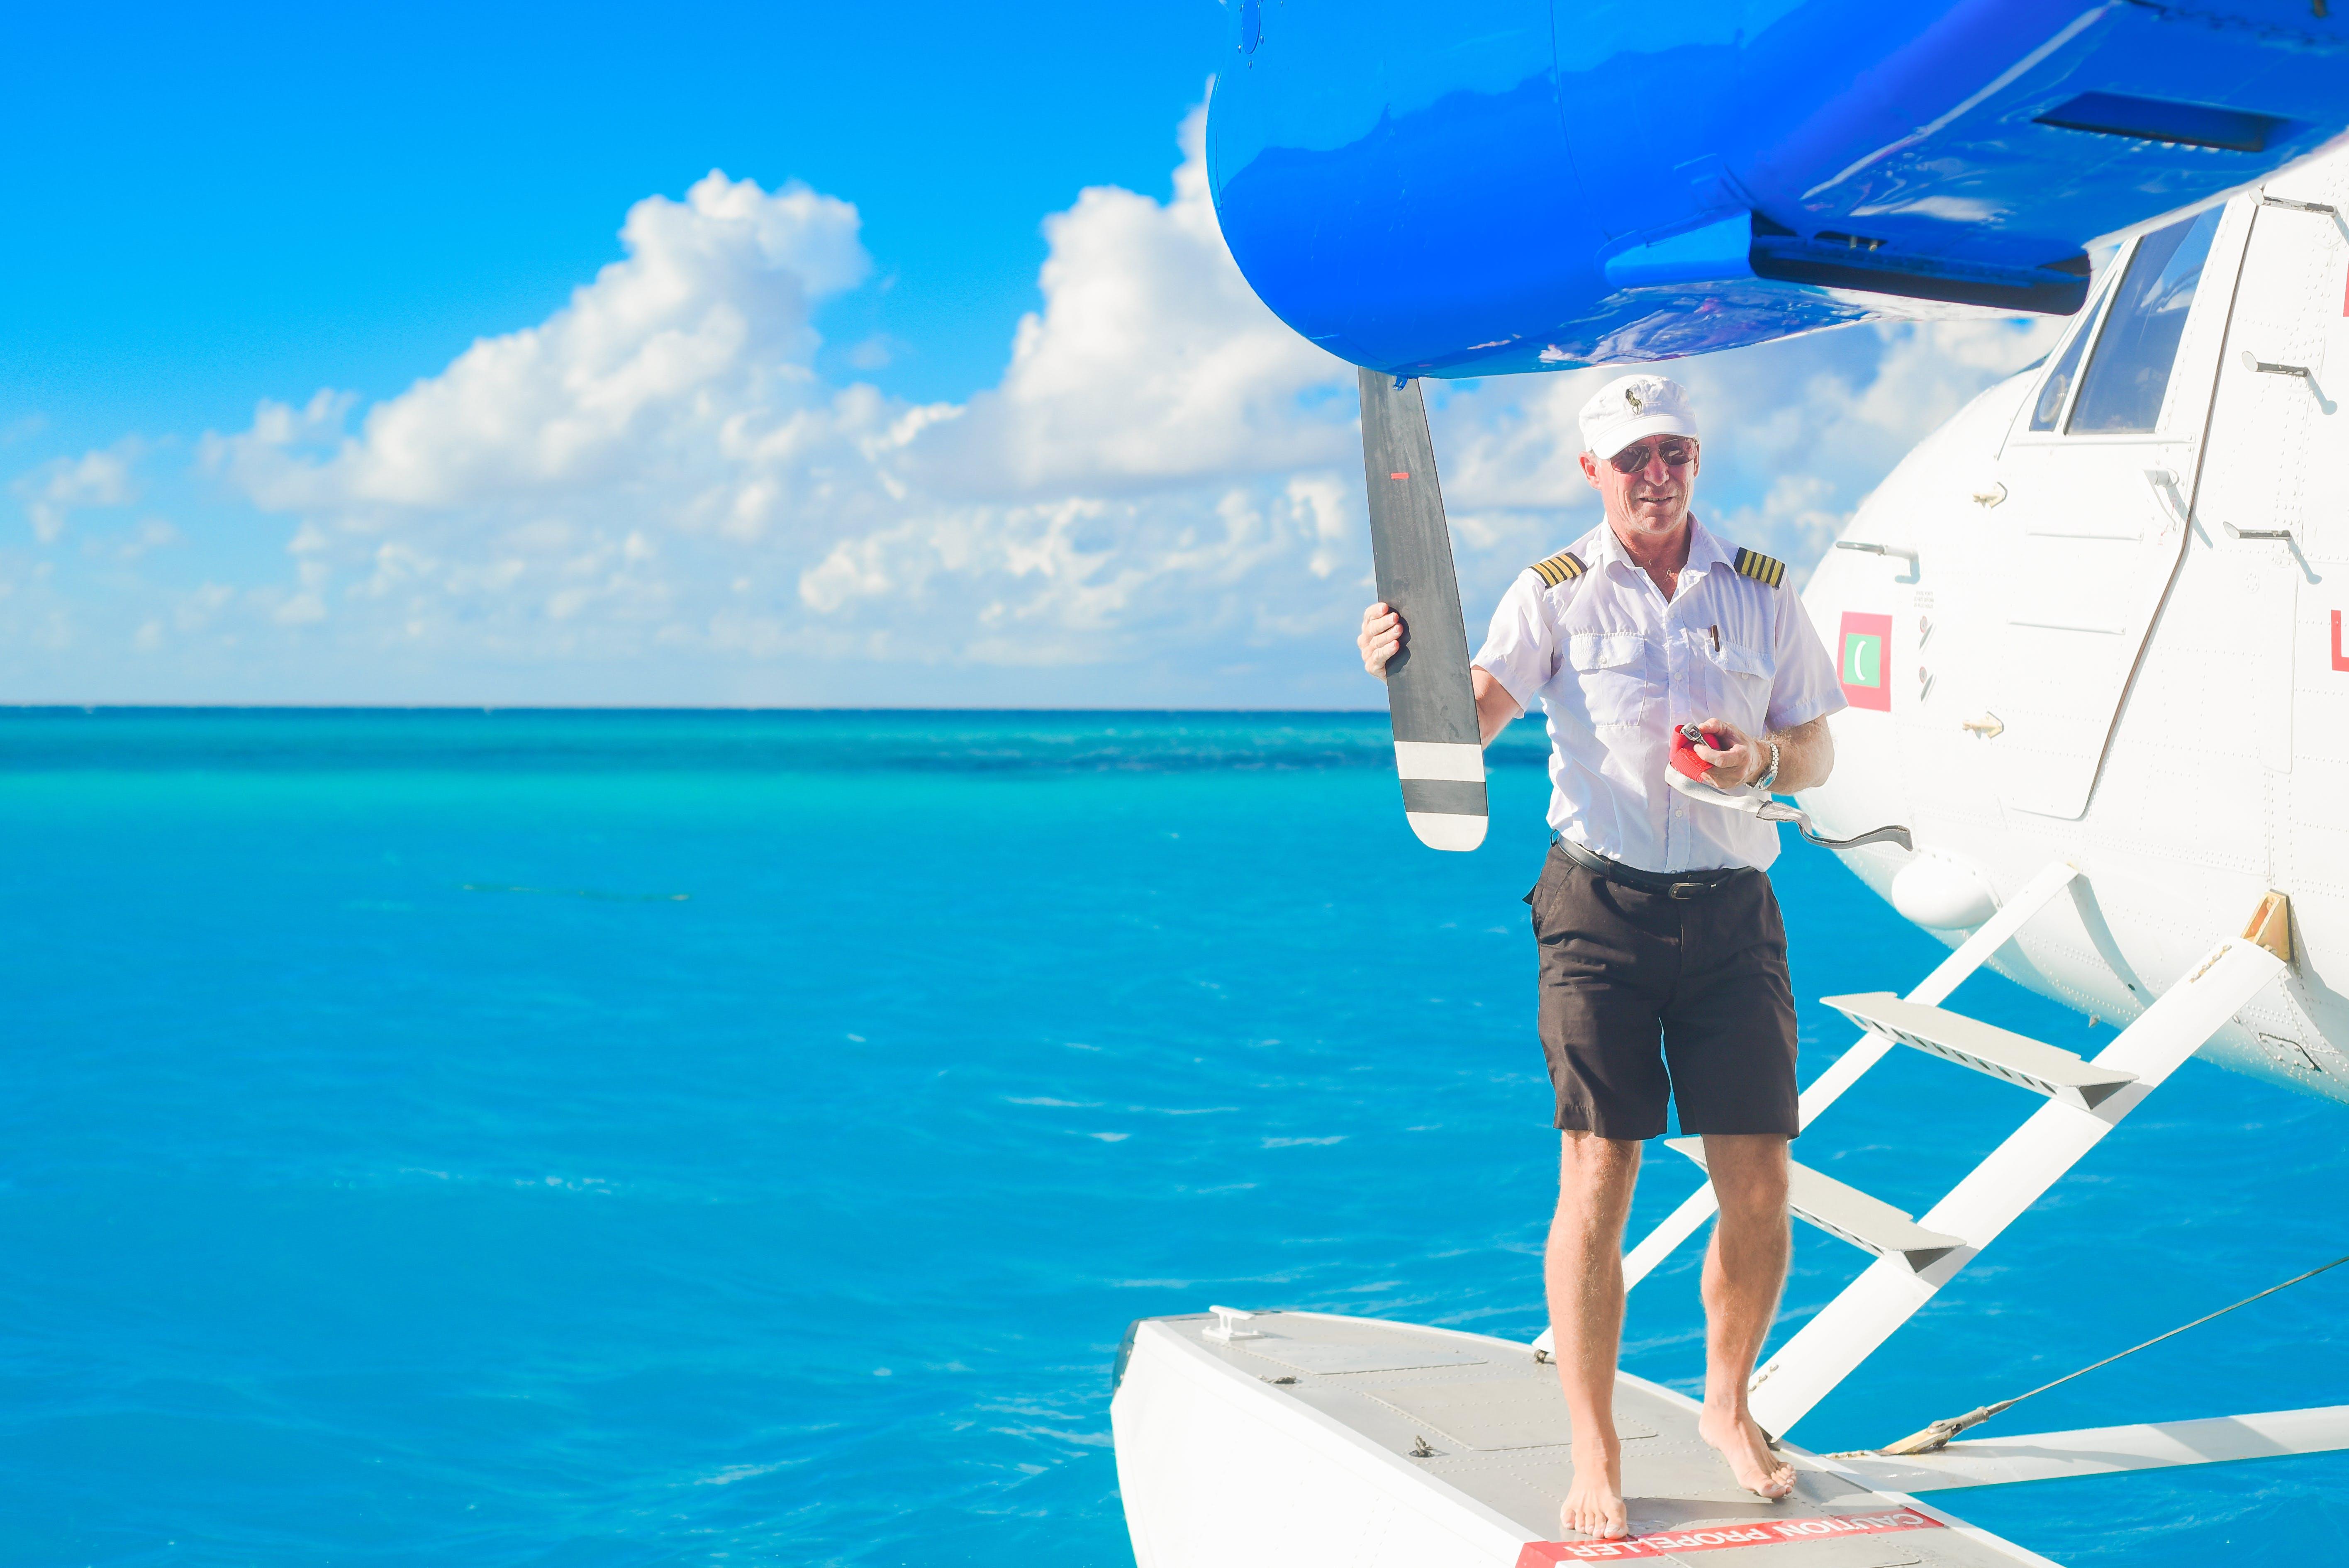 Man Standing on Seaplane Buoyancy